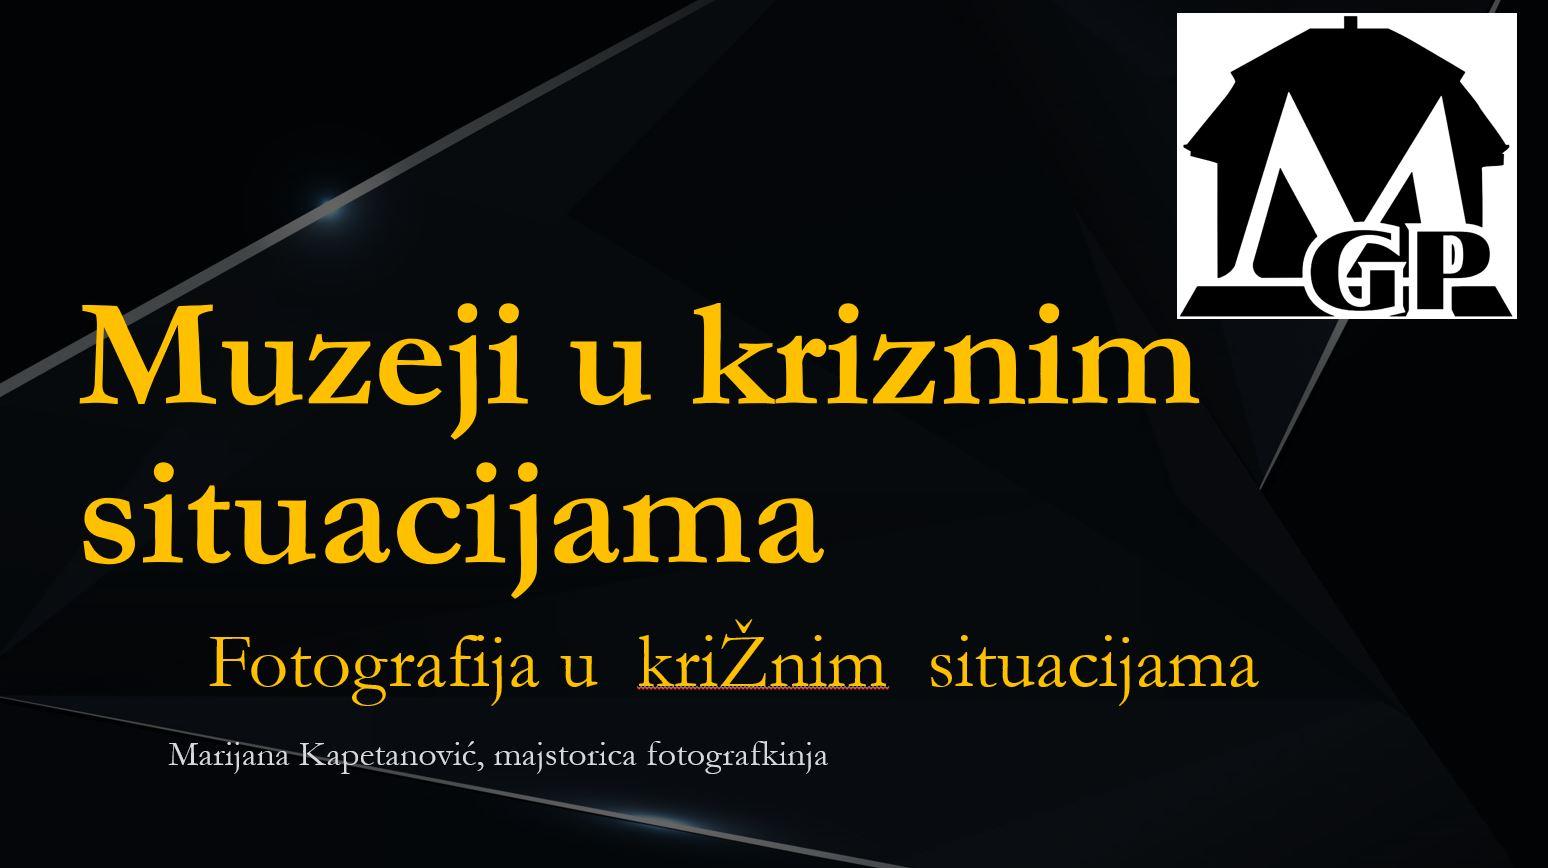 D:\Users\Korisnik\Desktop\2021-01-29 12_55_47-Muzeji u kriznim situacijama